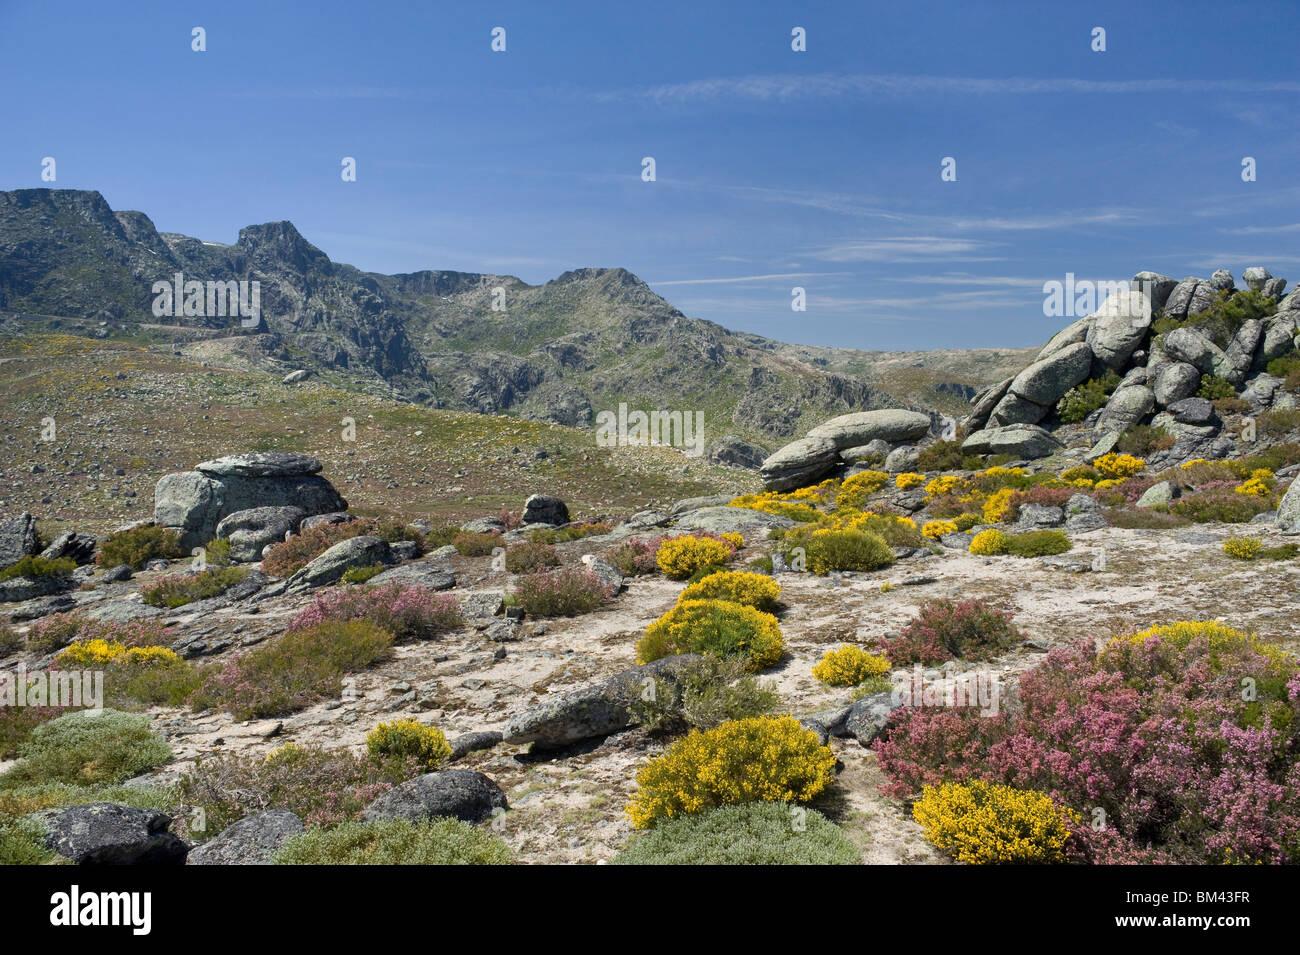 Portugal, The Beira Alta,  Serra De Estrela Mountain - Stock Image